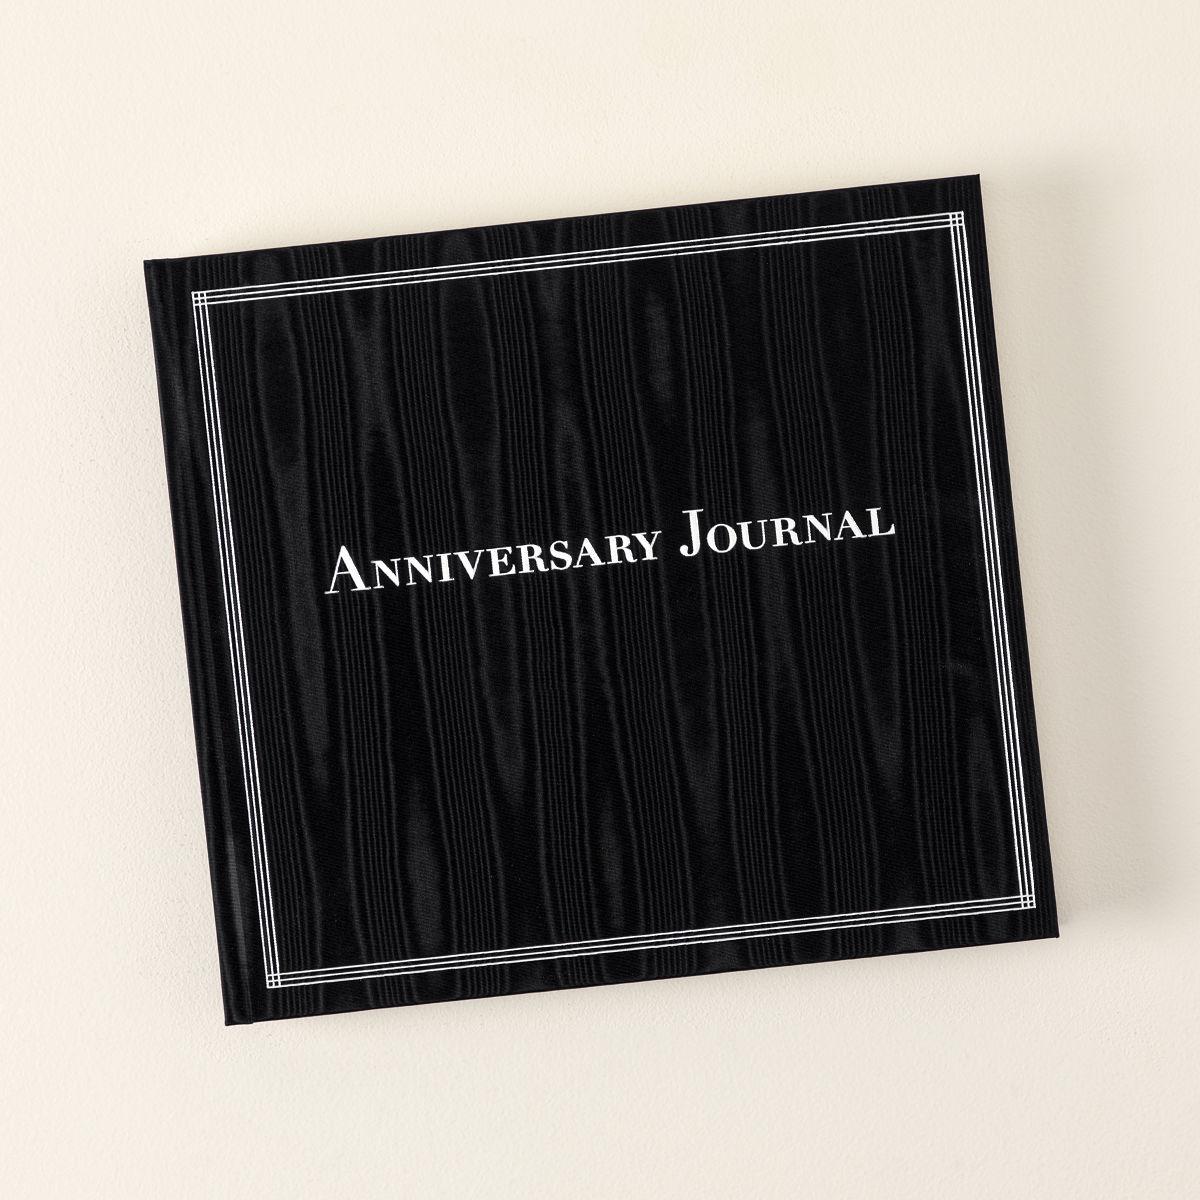 The Anniversary Journal anniversary book UncommonGoods